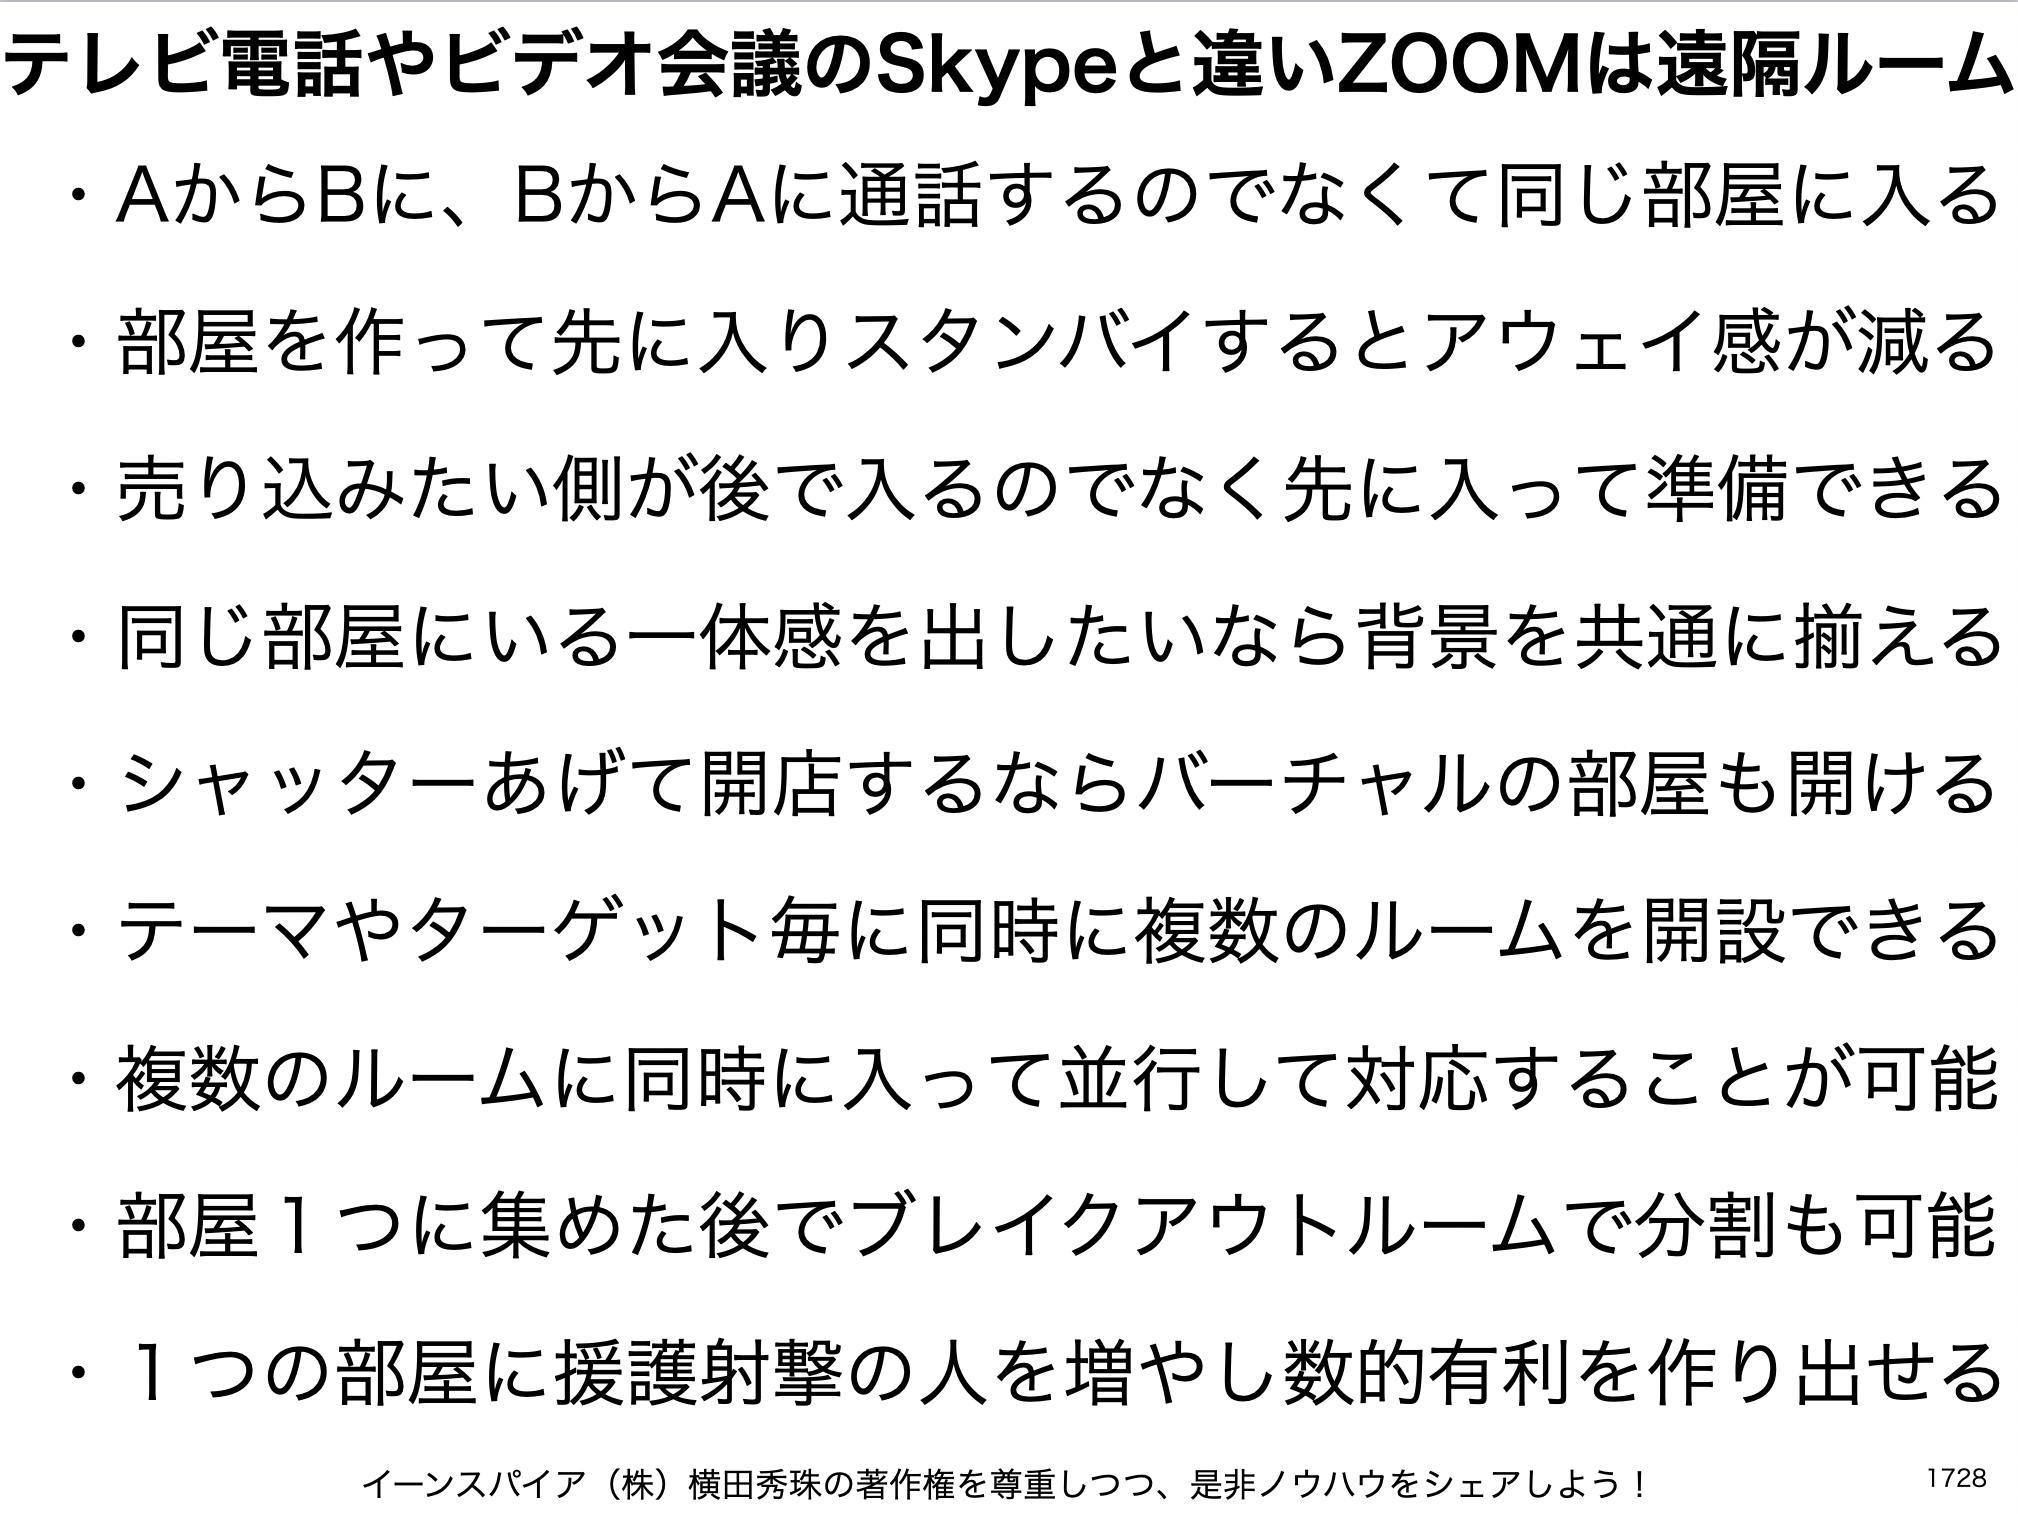 テレビ電話やビデオ会議のSkypeと違いZOOMは遠隔ルーム